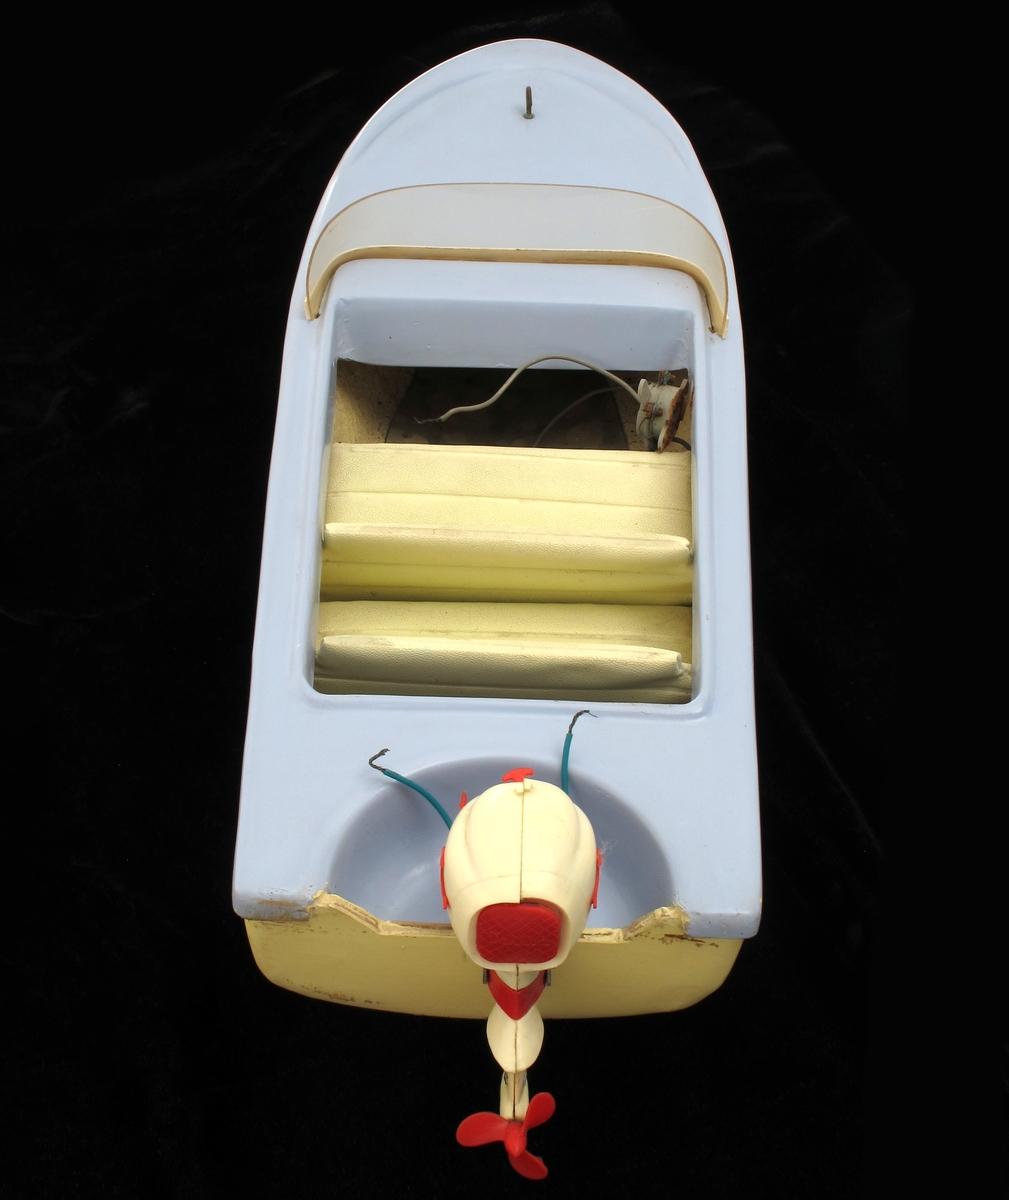 Lekemotorbåt, helt i plast, noe kryssfiner, med påhengsmotor. Batteridrevet. Skroget er gul farge, dekket er lys blå.